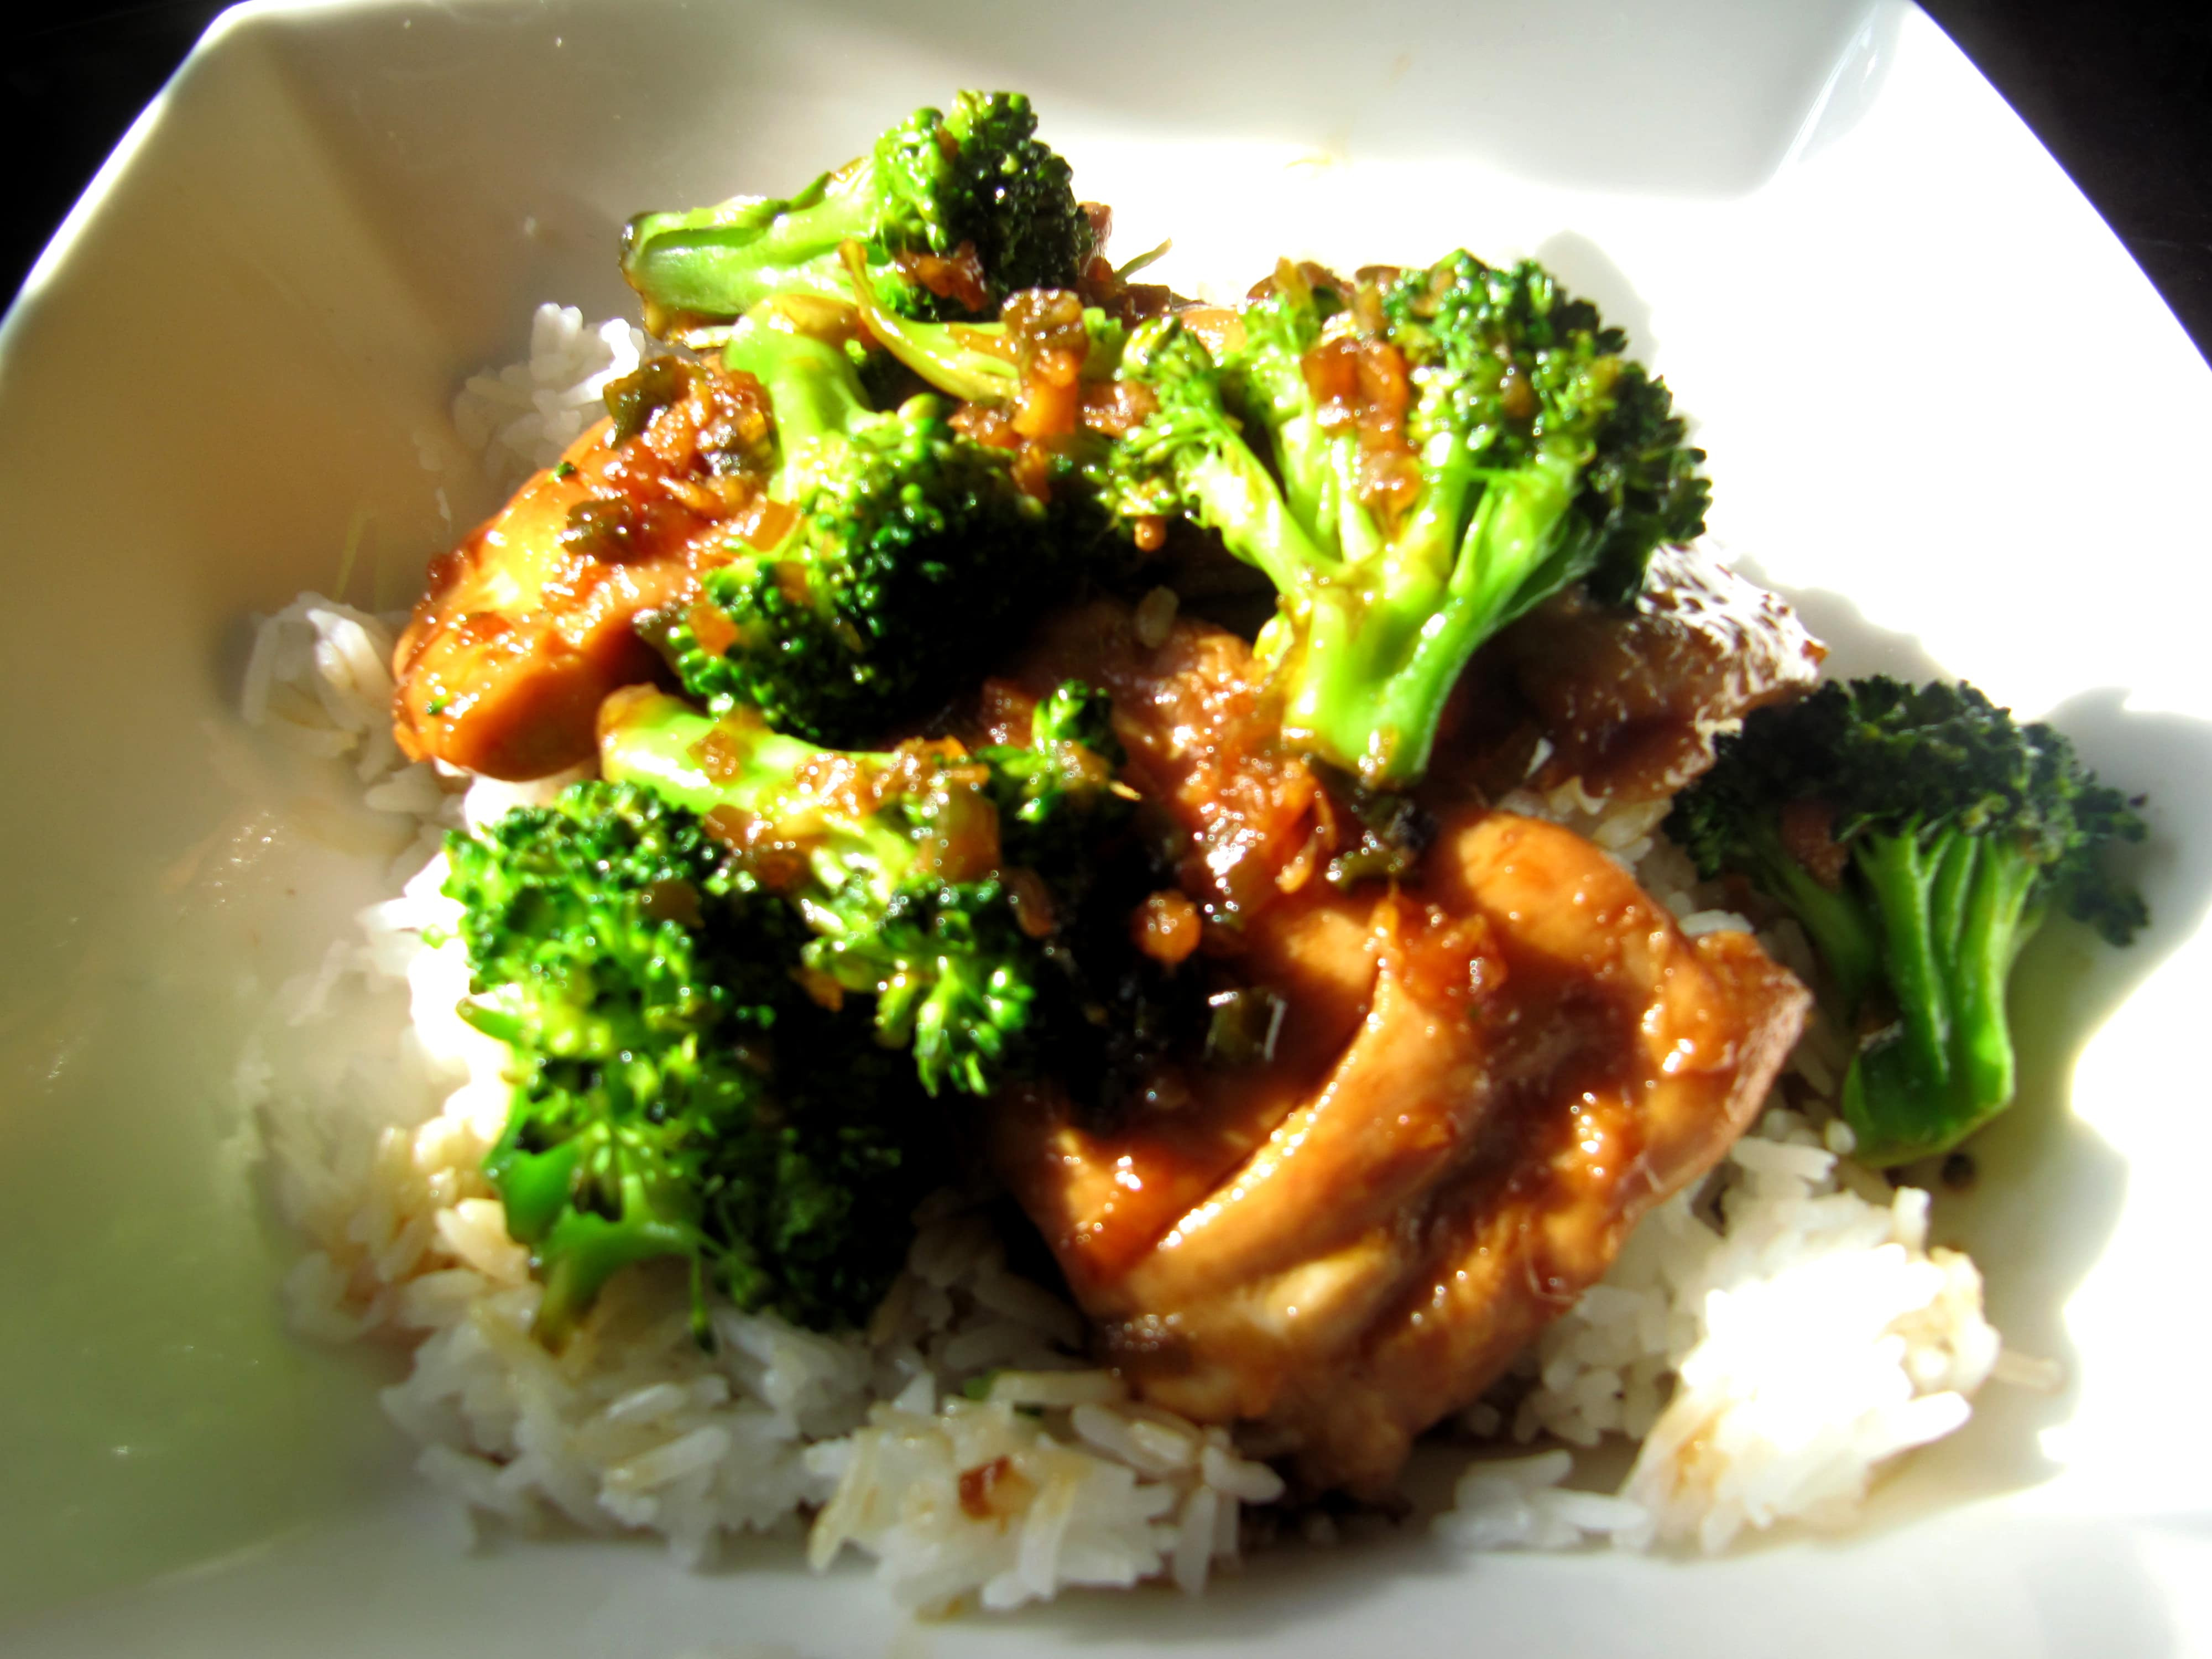 Chinese Chicken And Broccoli  Chinese Chicken & Broccoli Erren s Kitchen